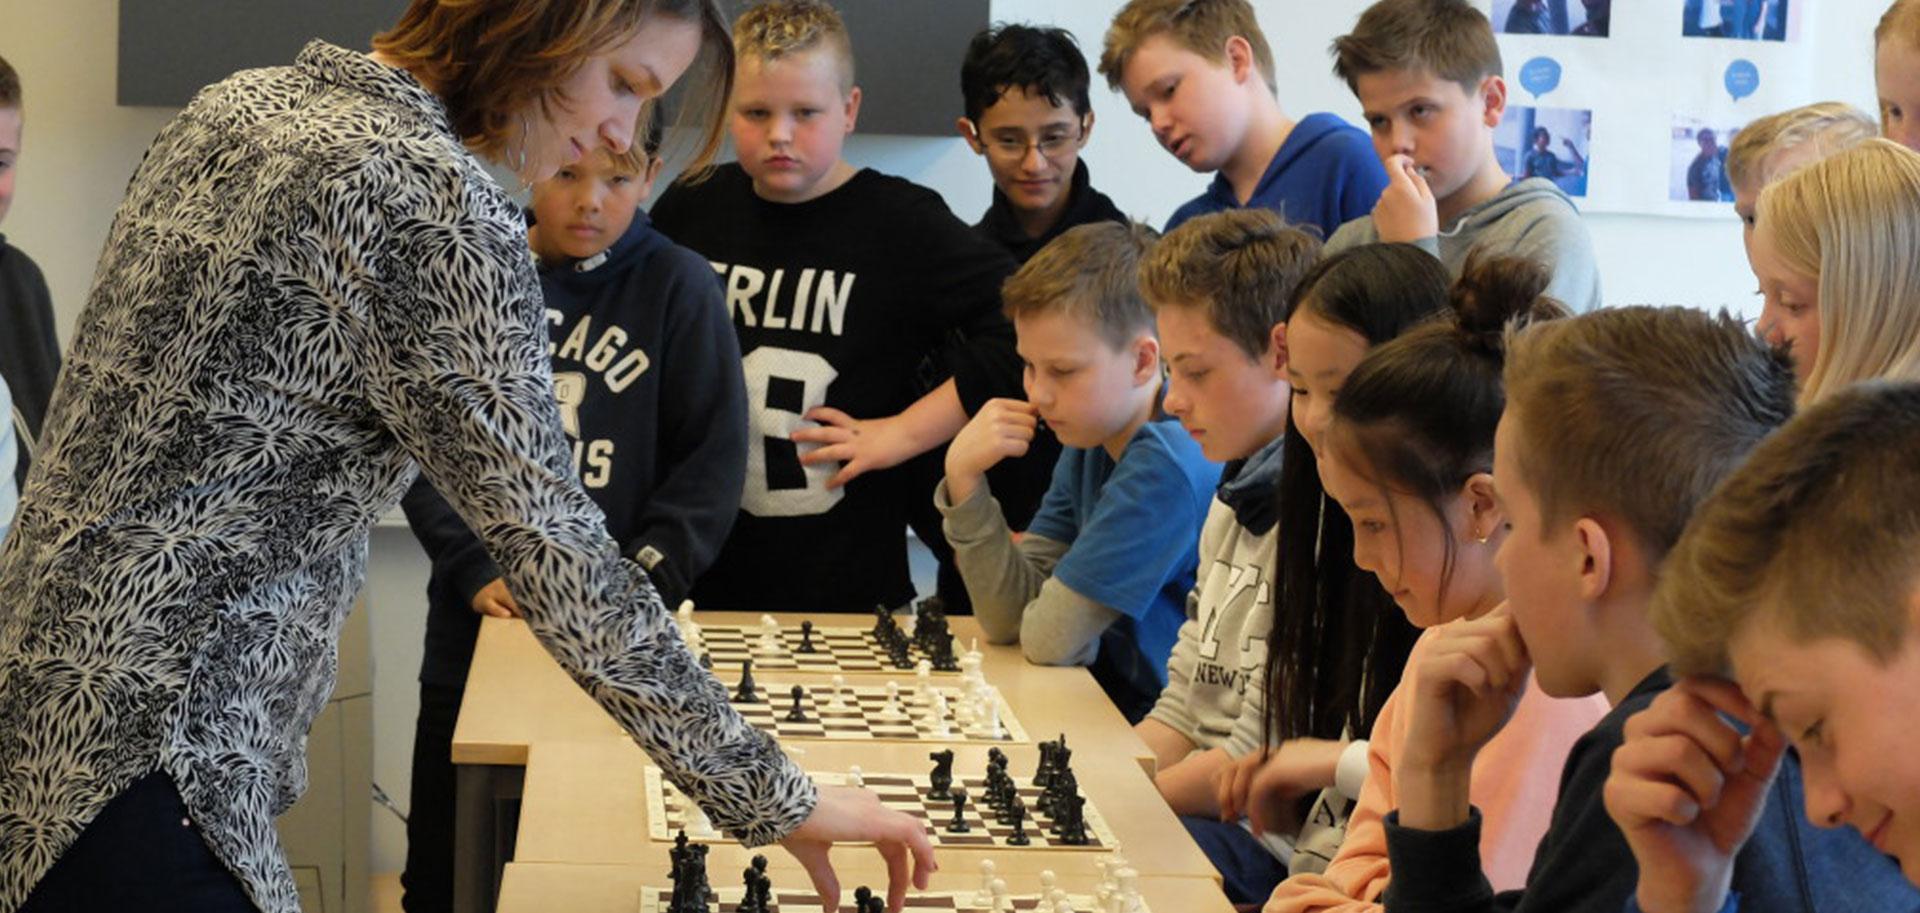 Sjakk til din skole?